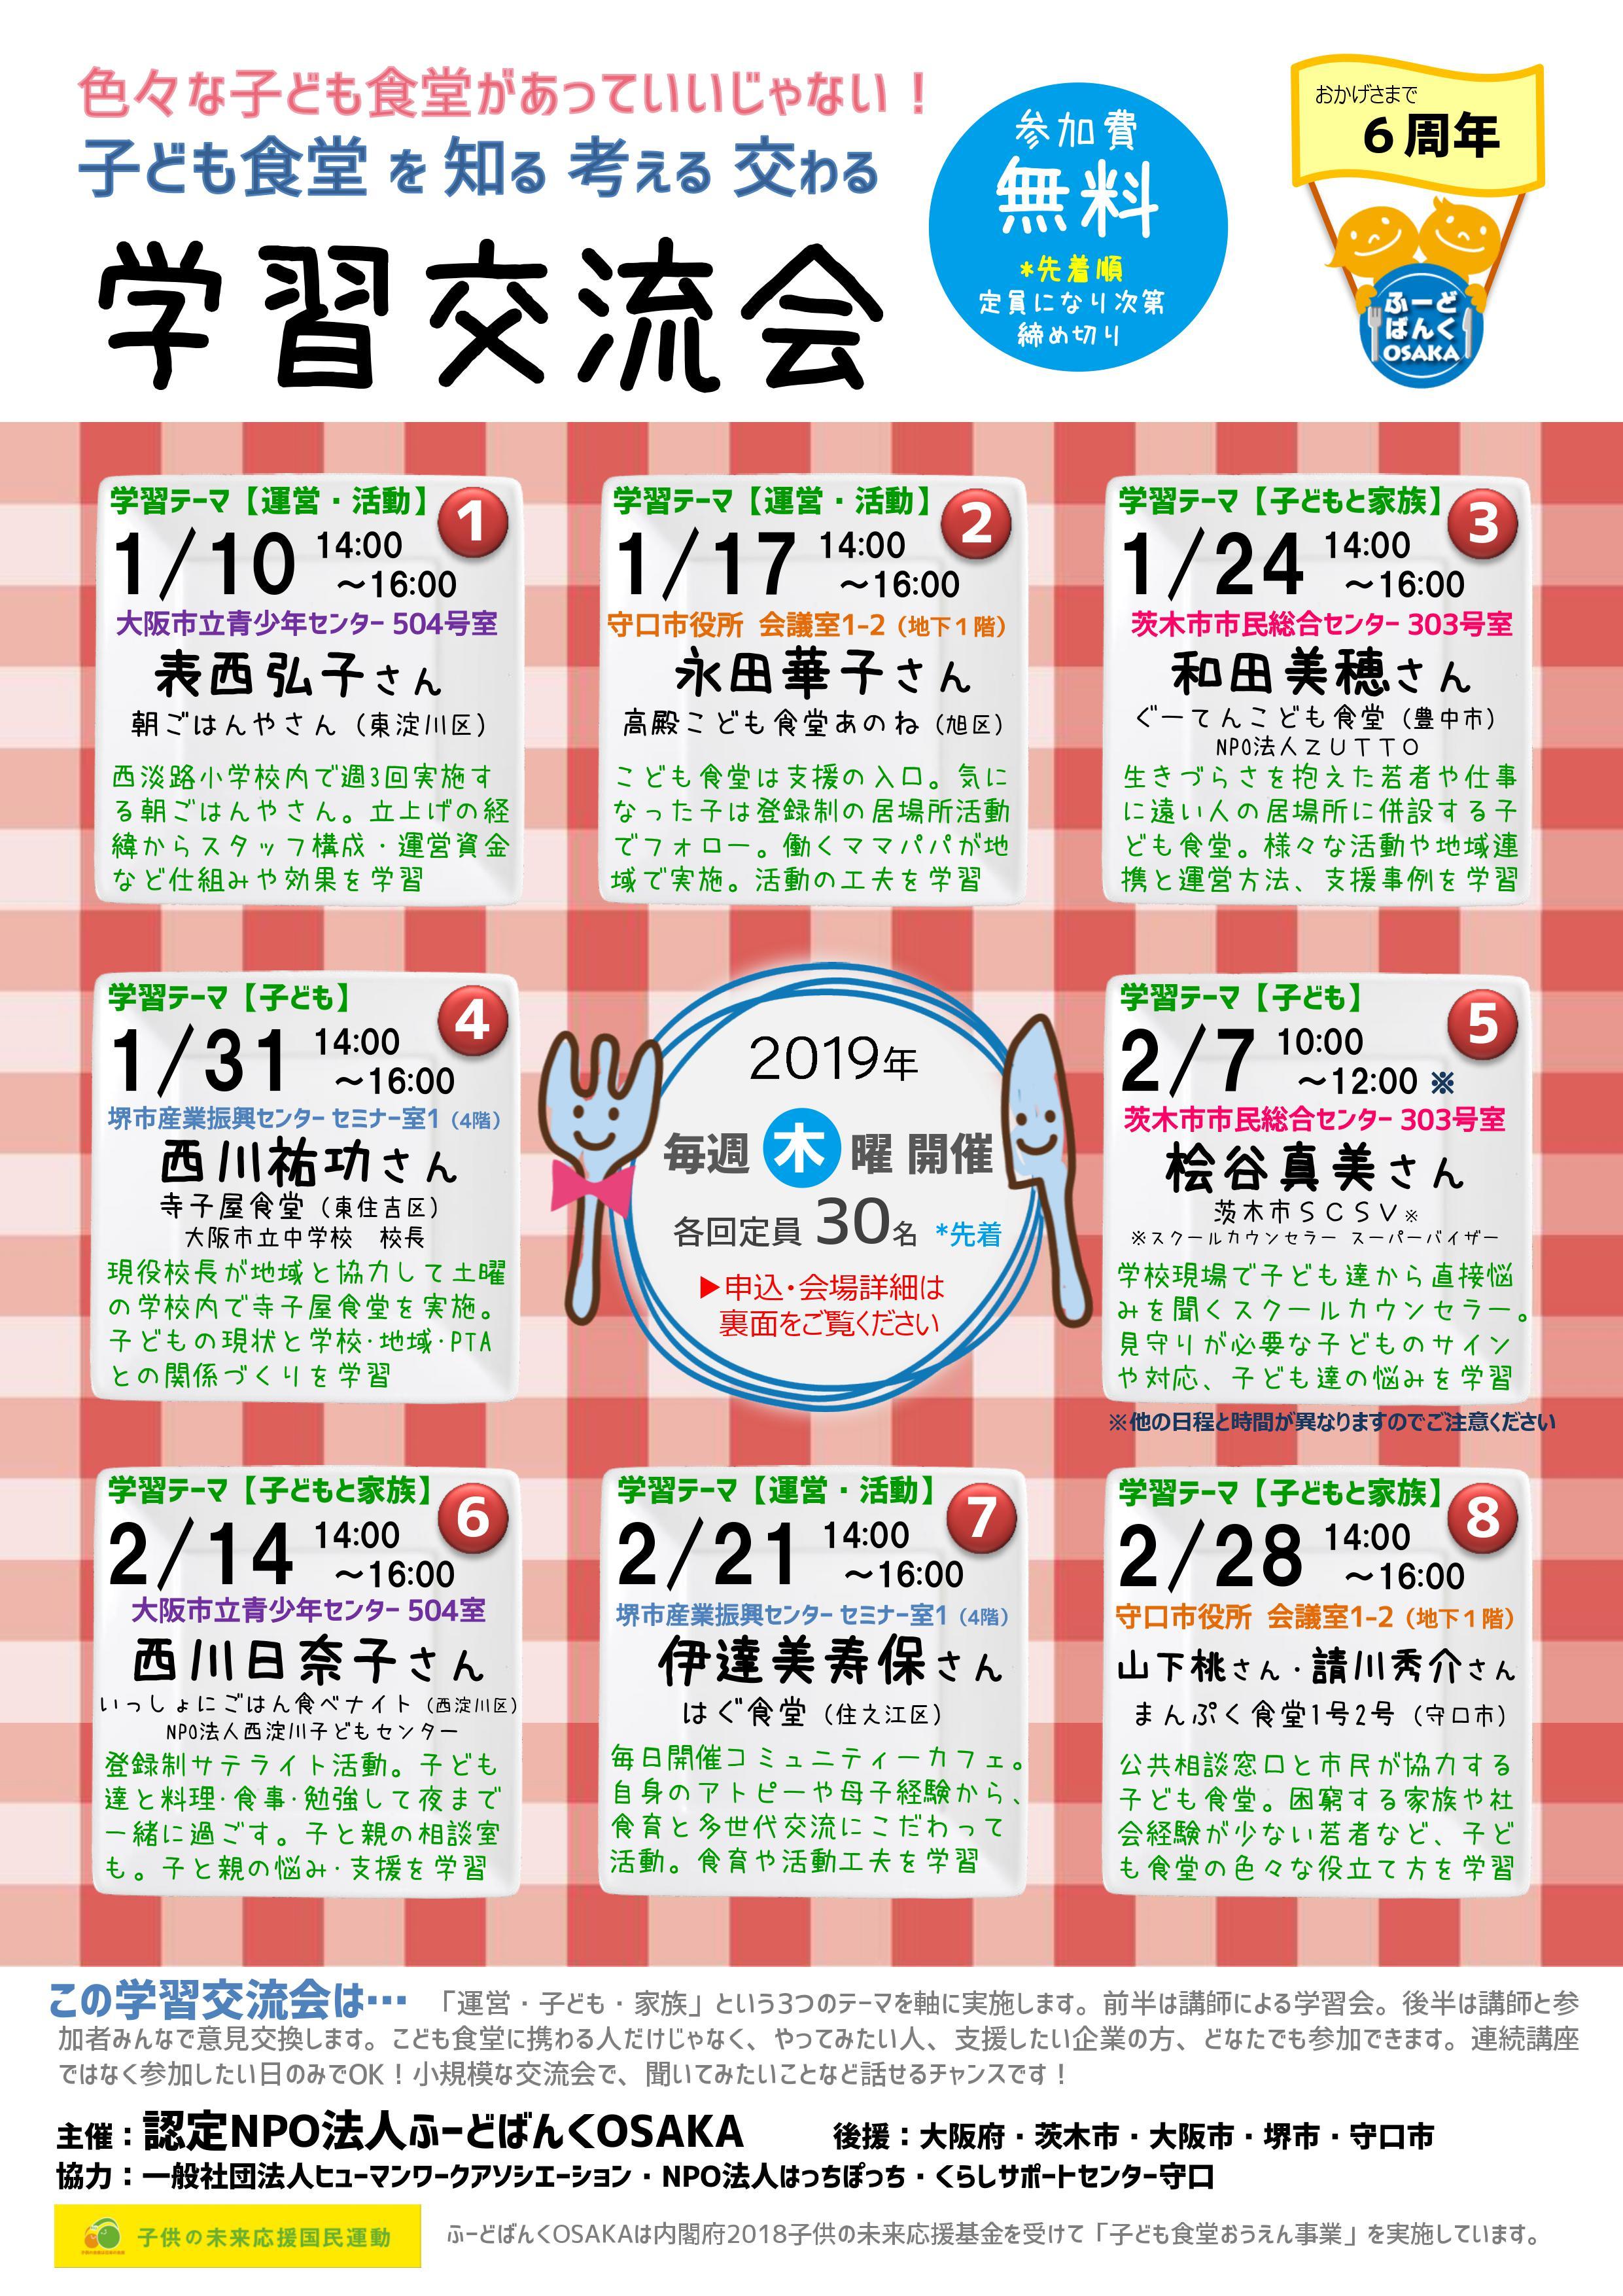 ふーどばんくOSAKA1